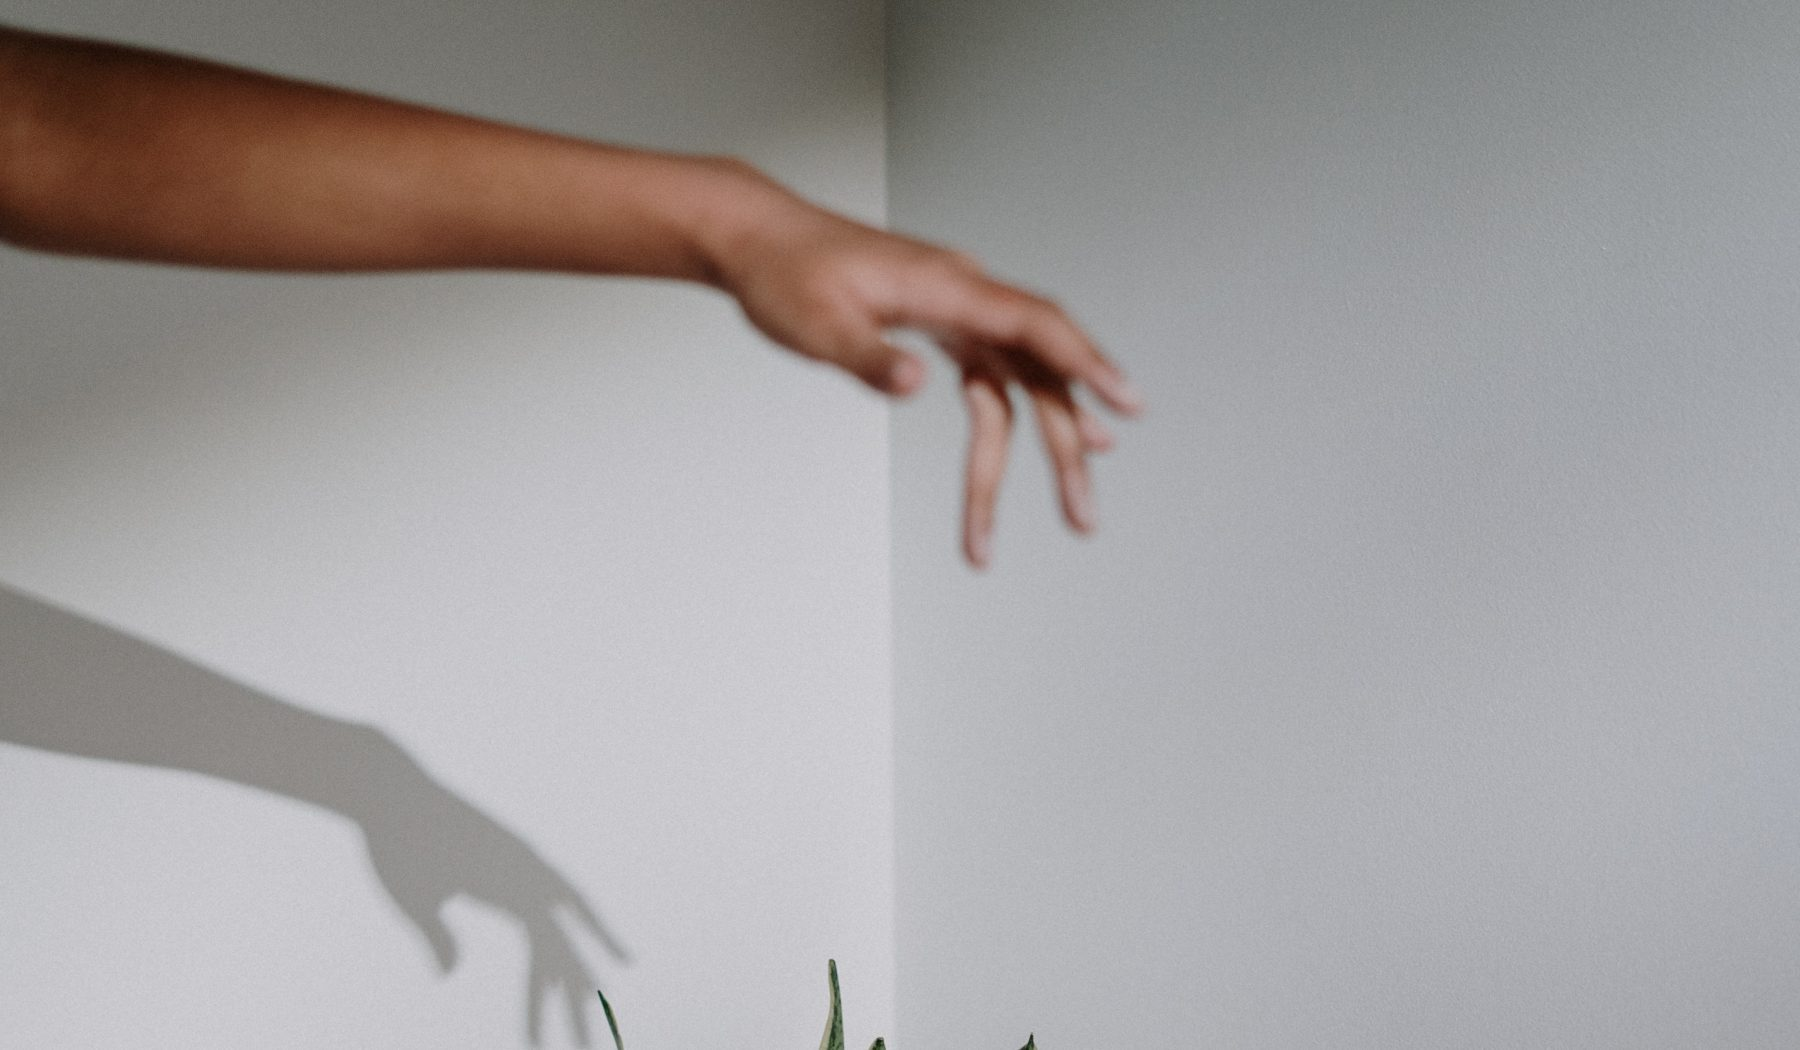 Ein verschwommenes Bild eines Armes mit seinem Schatten an der Wand.